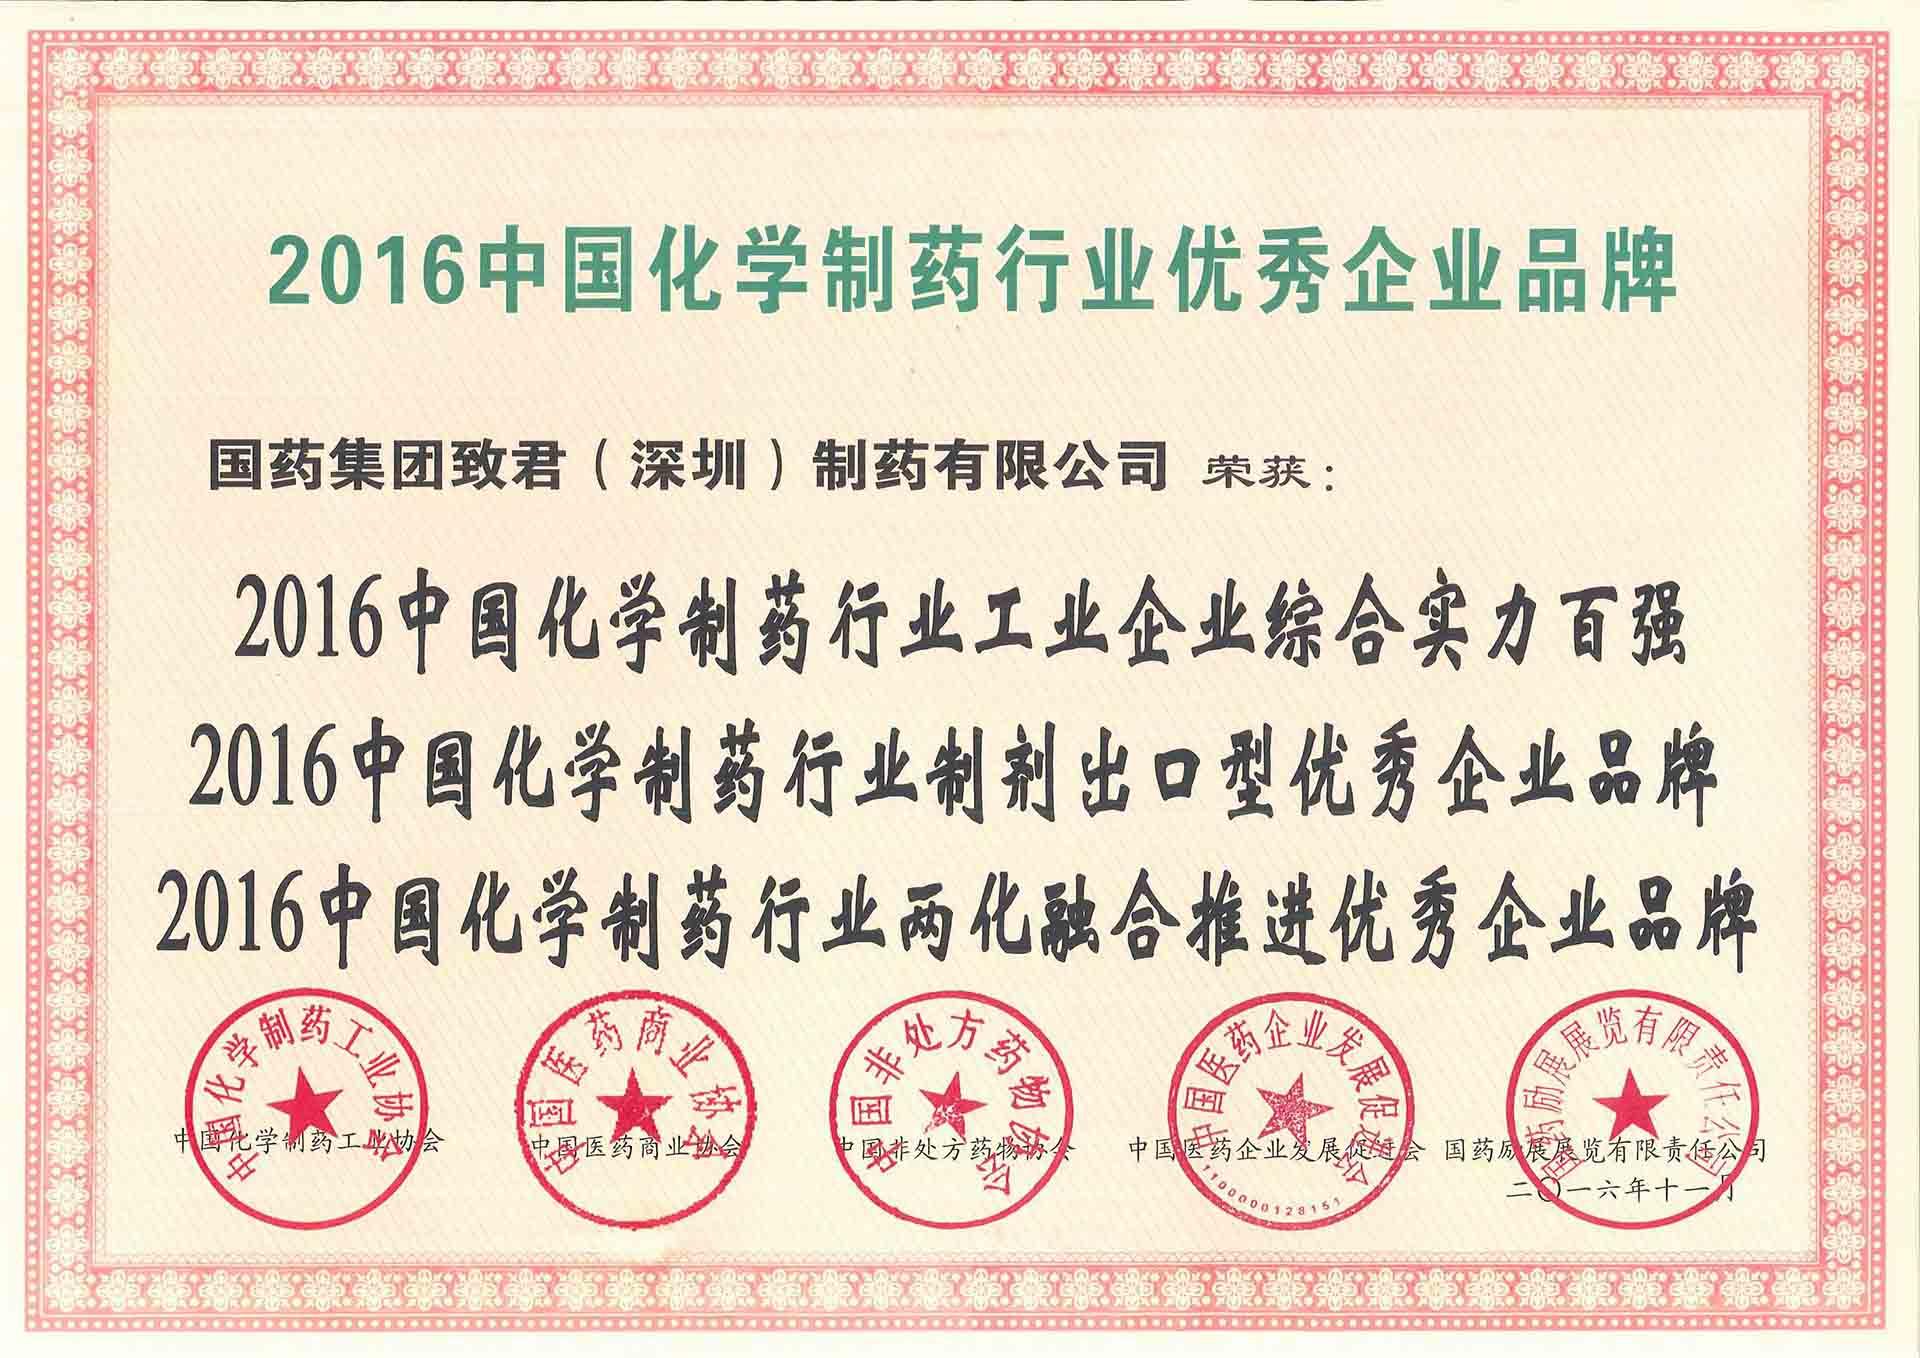 雷竞技官网网址荣获2016化学制药行业综合实力百强等多项荣誉